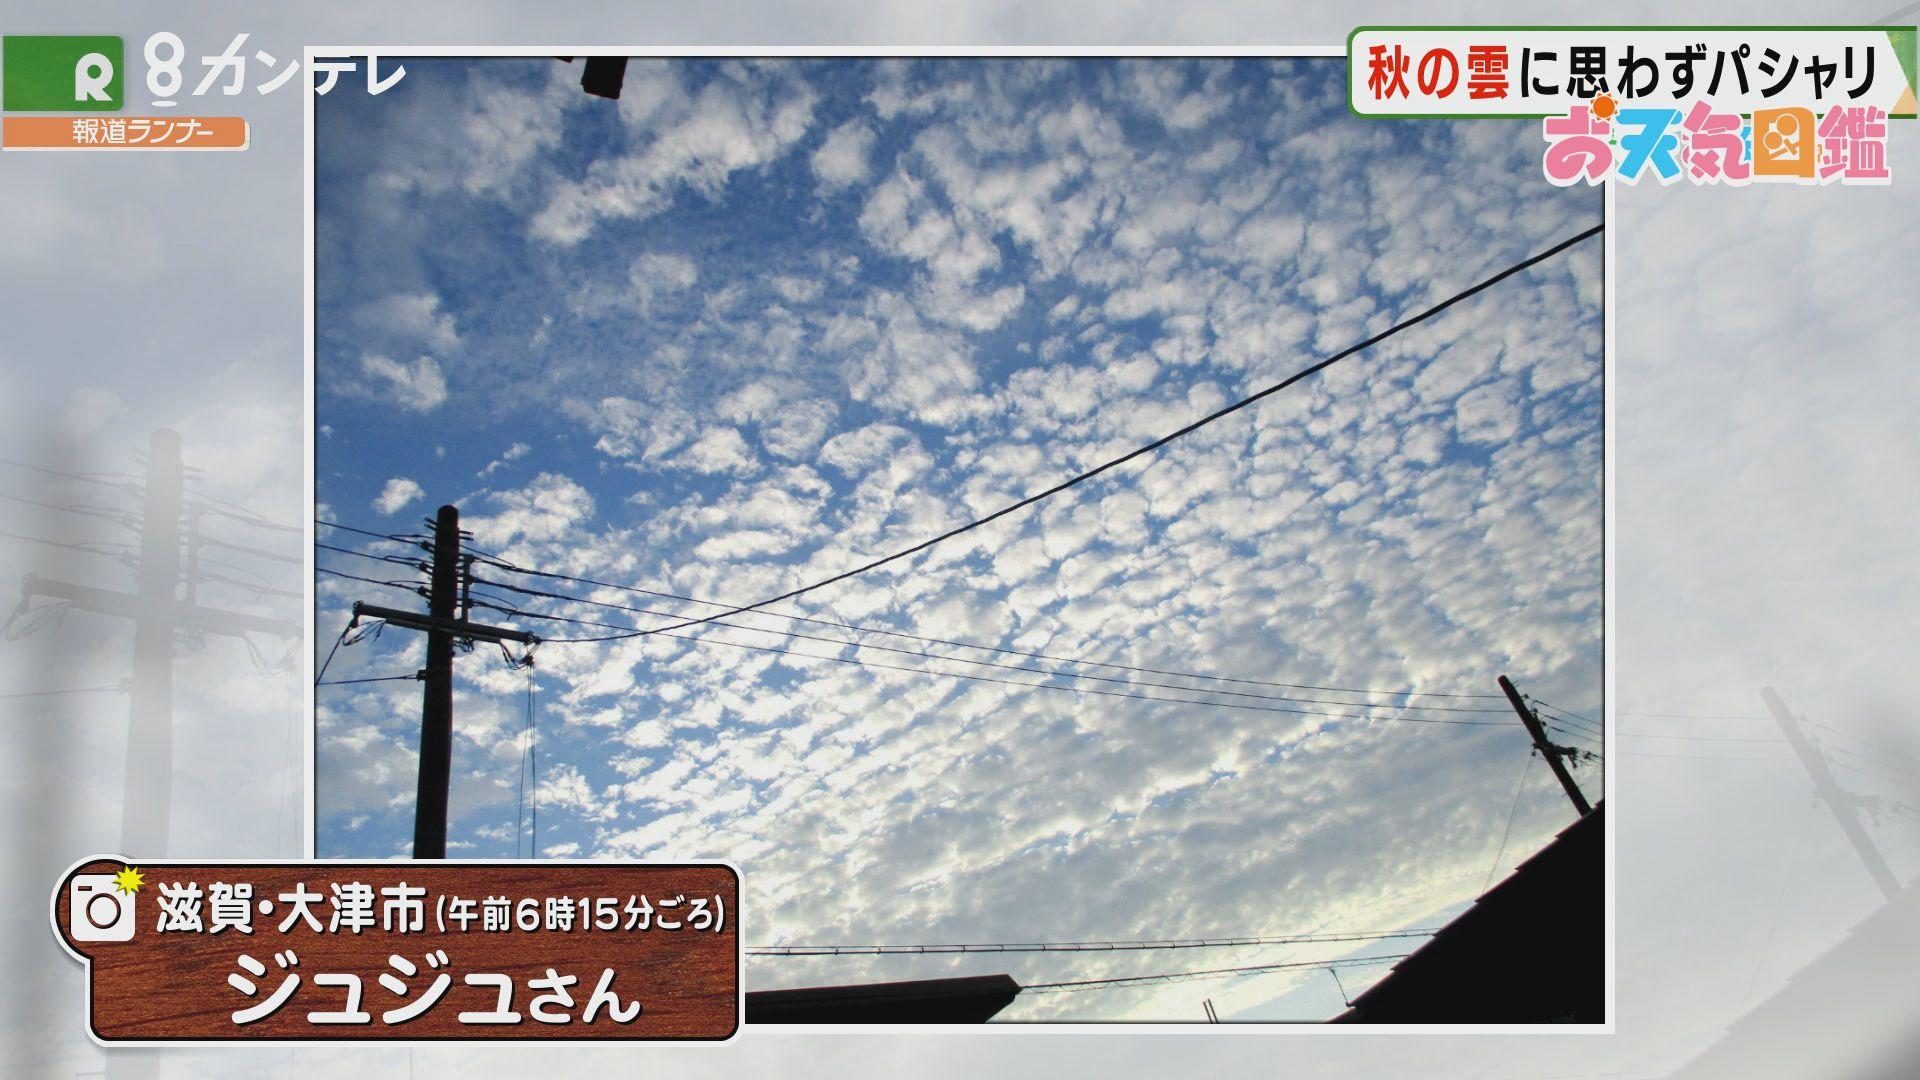 「秋やーー!」(滋賀・大津市)